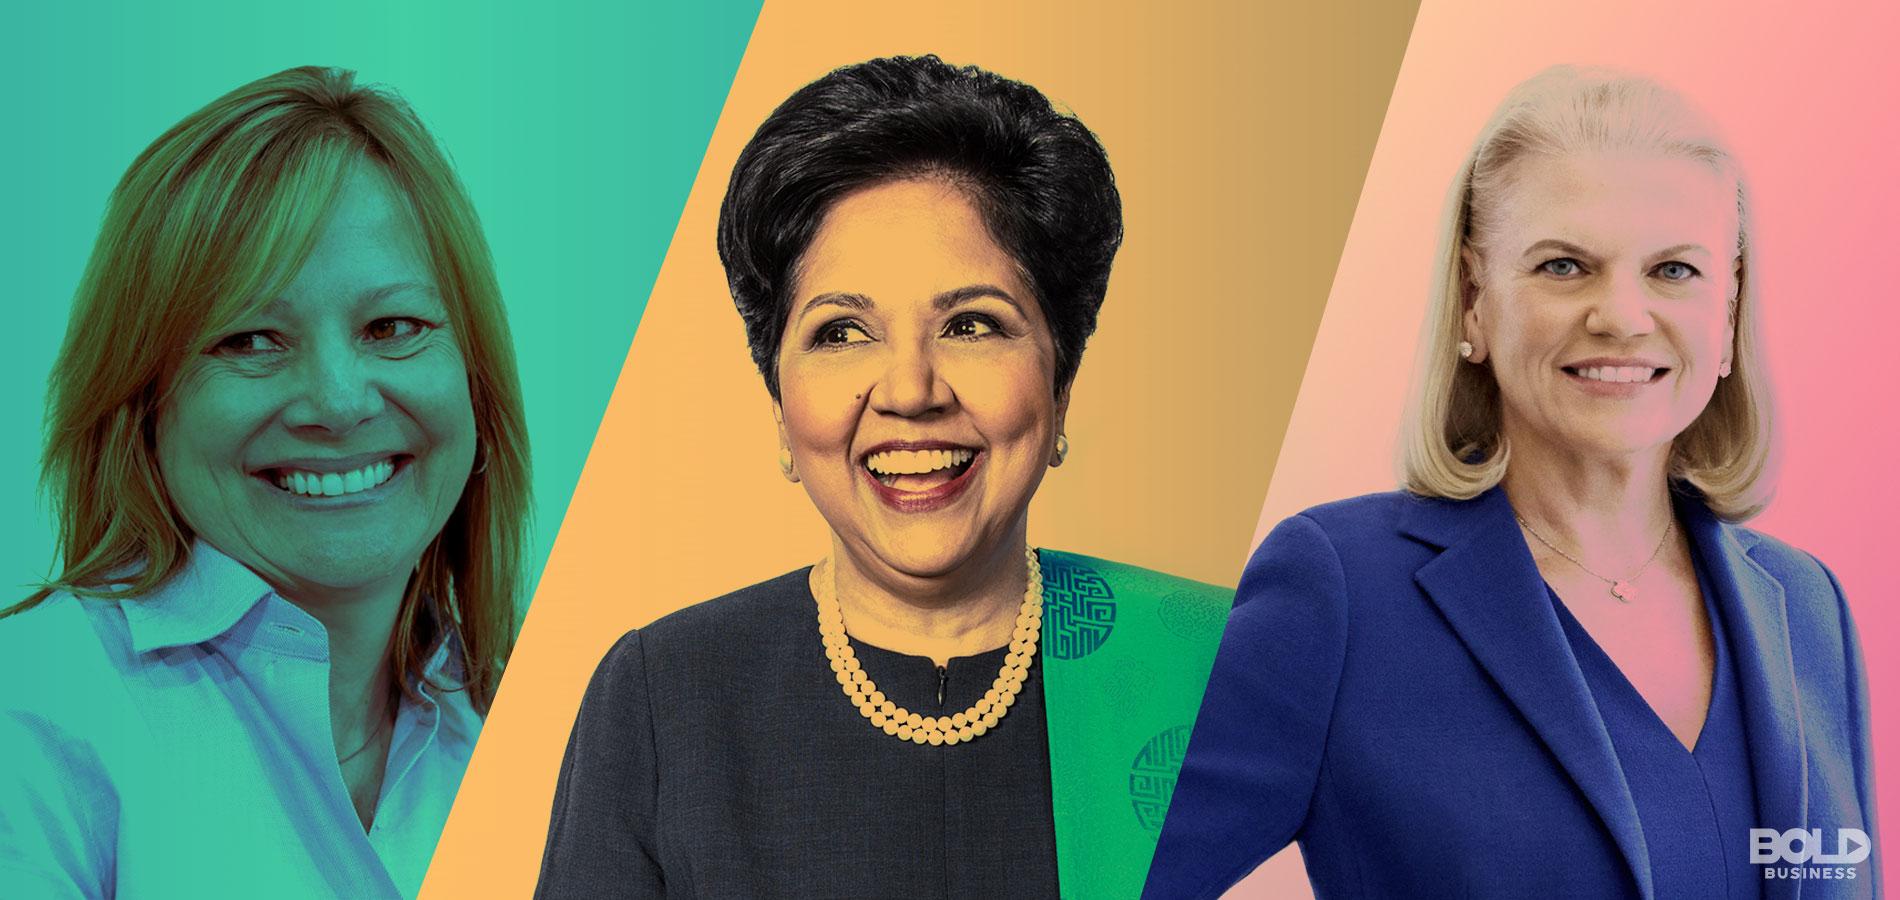 Fortune 500s Female CEOs